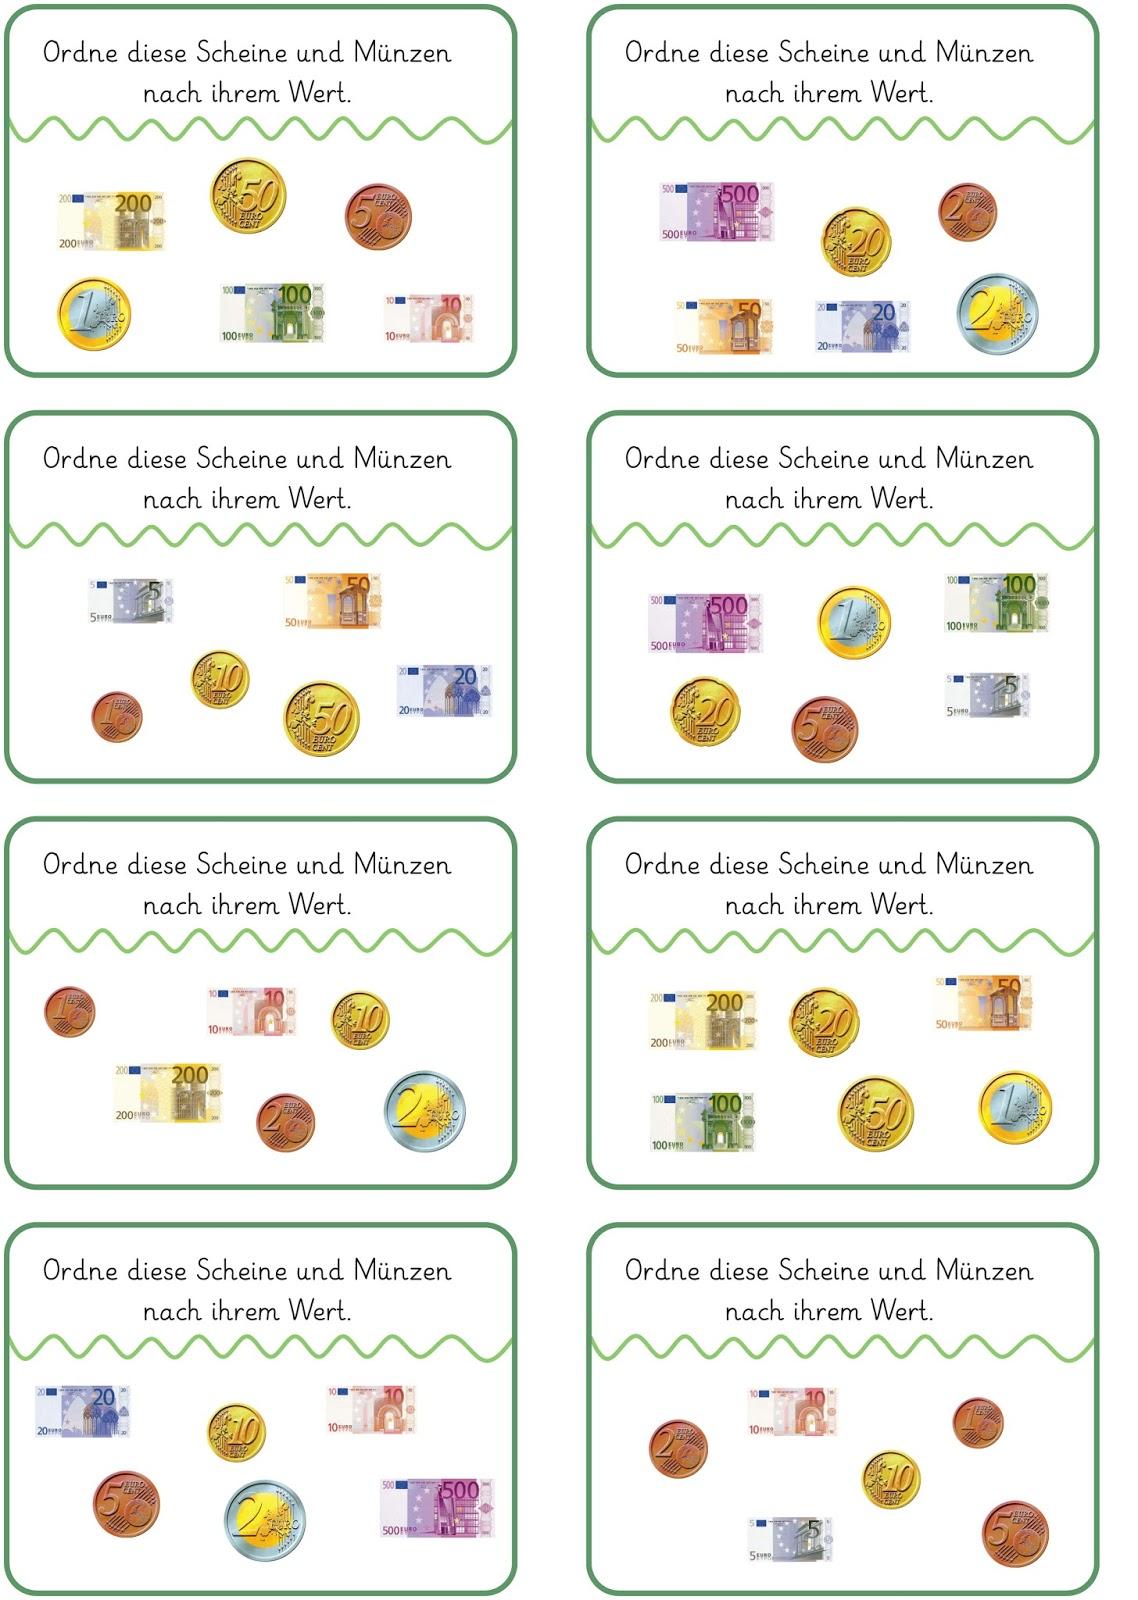 Lernstübchen: Münzen und Scheine ordnen